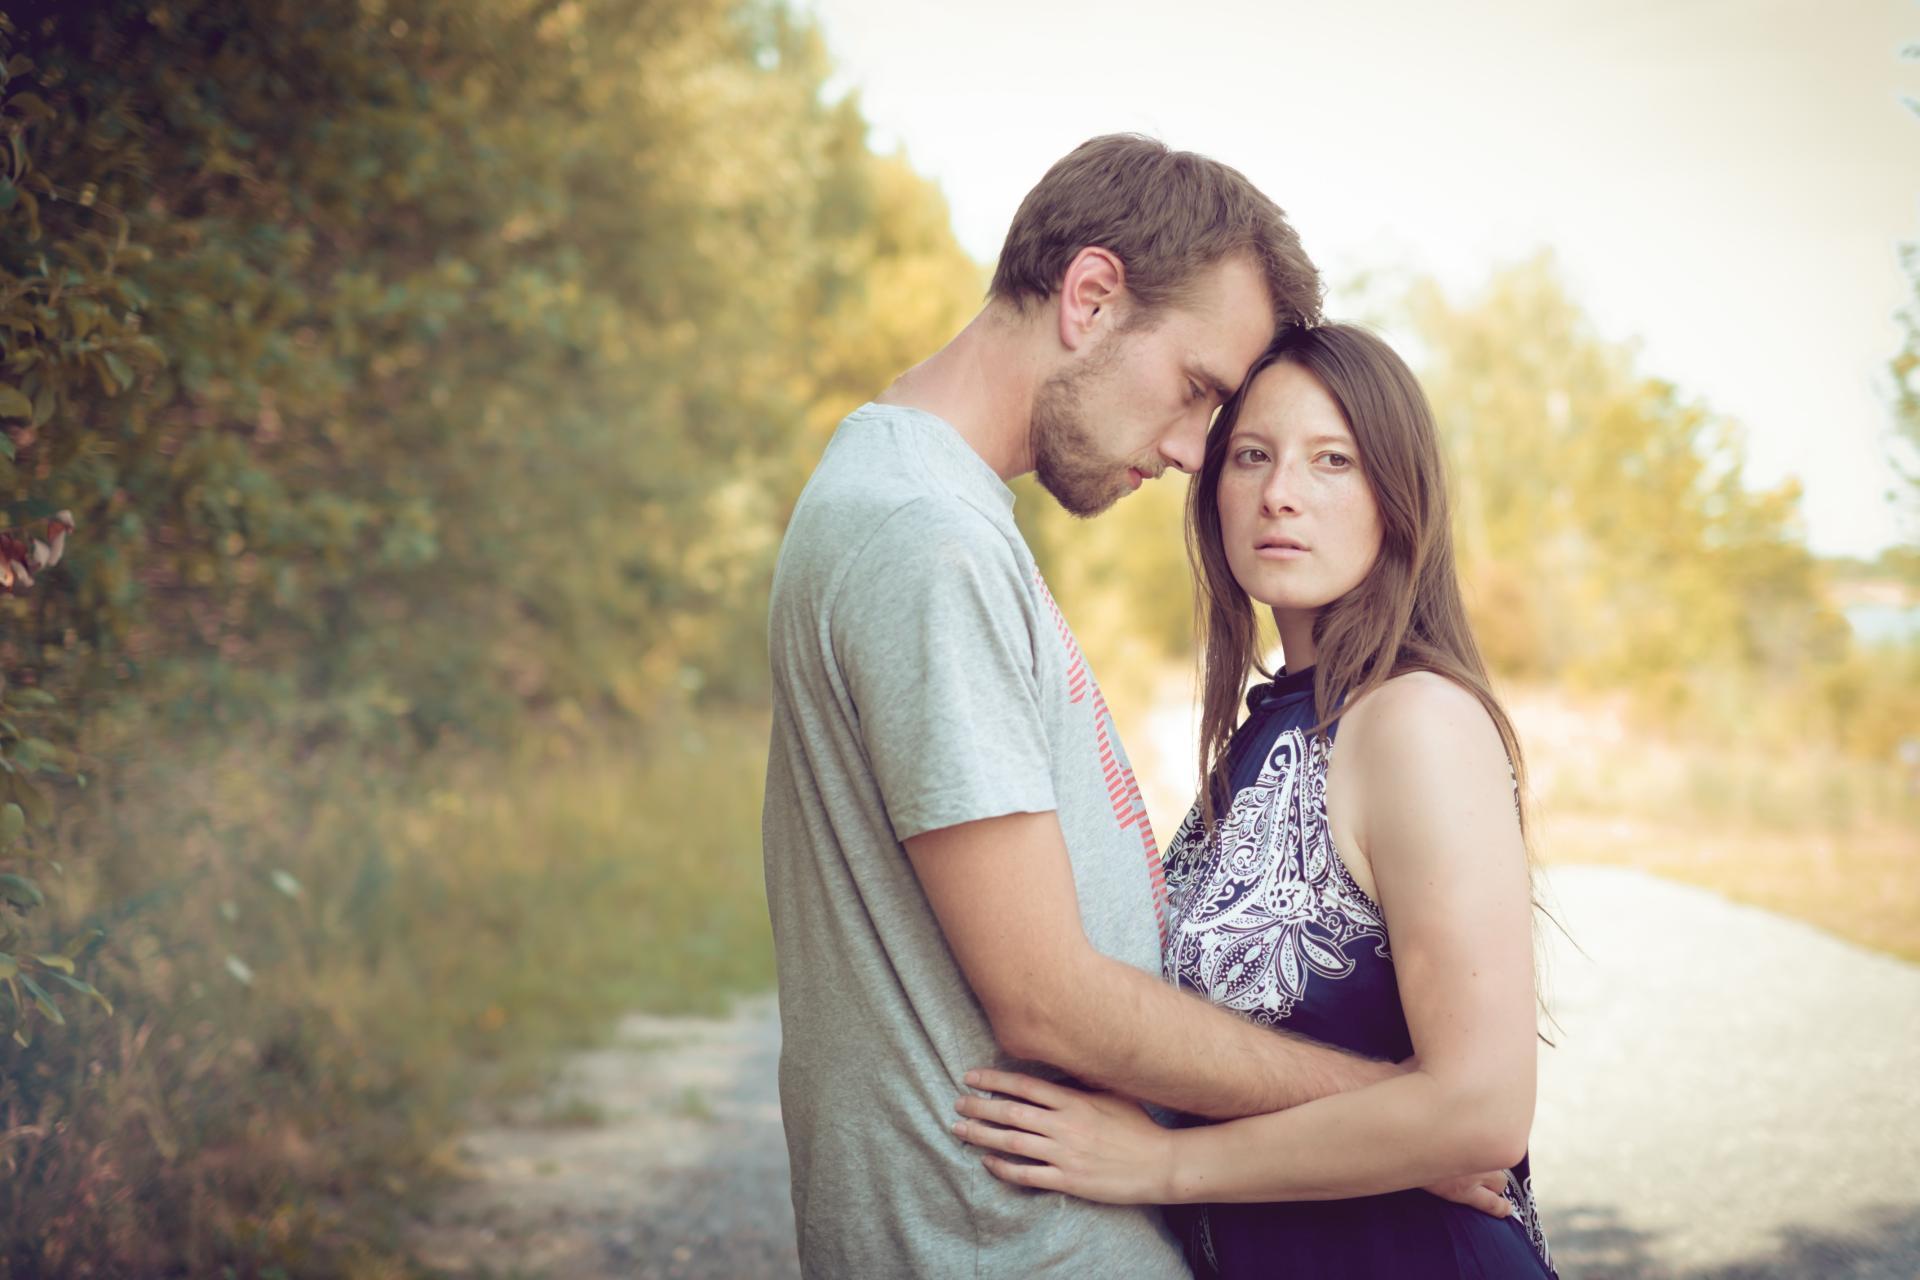 Paarfotos in der Natur, Verlobungsbild